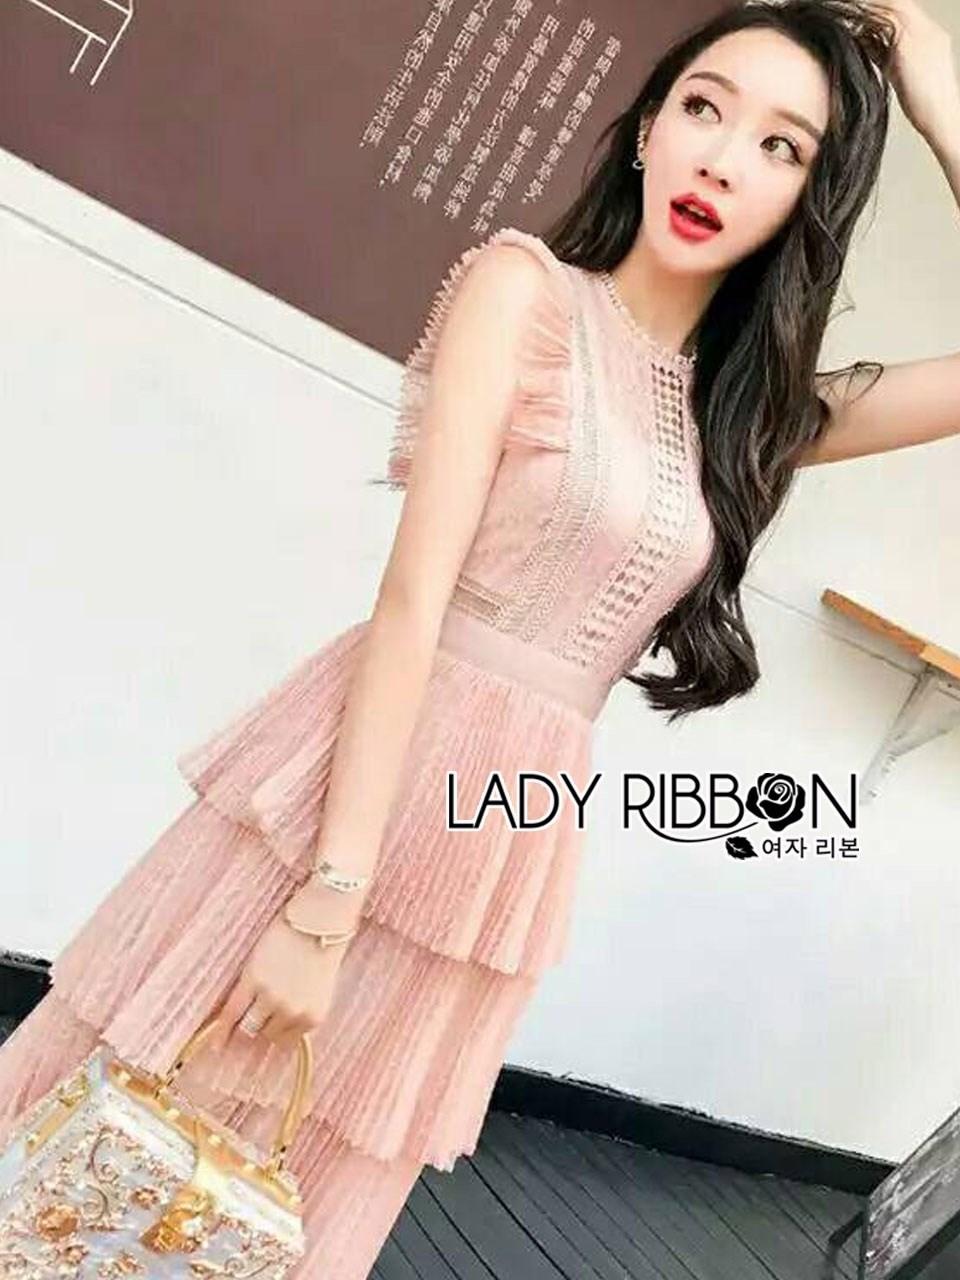 เดรสผ้าลูกไม้สีพีชตกแต่งเลเยอร์ ตัวนี้เป็นแนวค็อกเทลไว้ใส่ไปงานแต่งงานหรือปาร์ตี้ ป้าย Lady Ribbon นะคะ